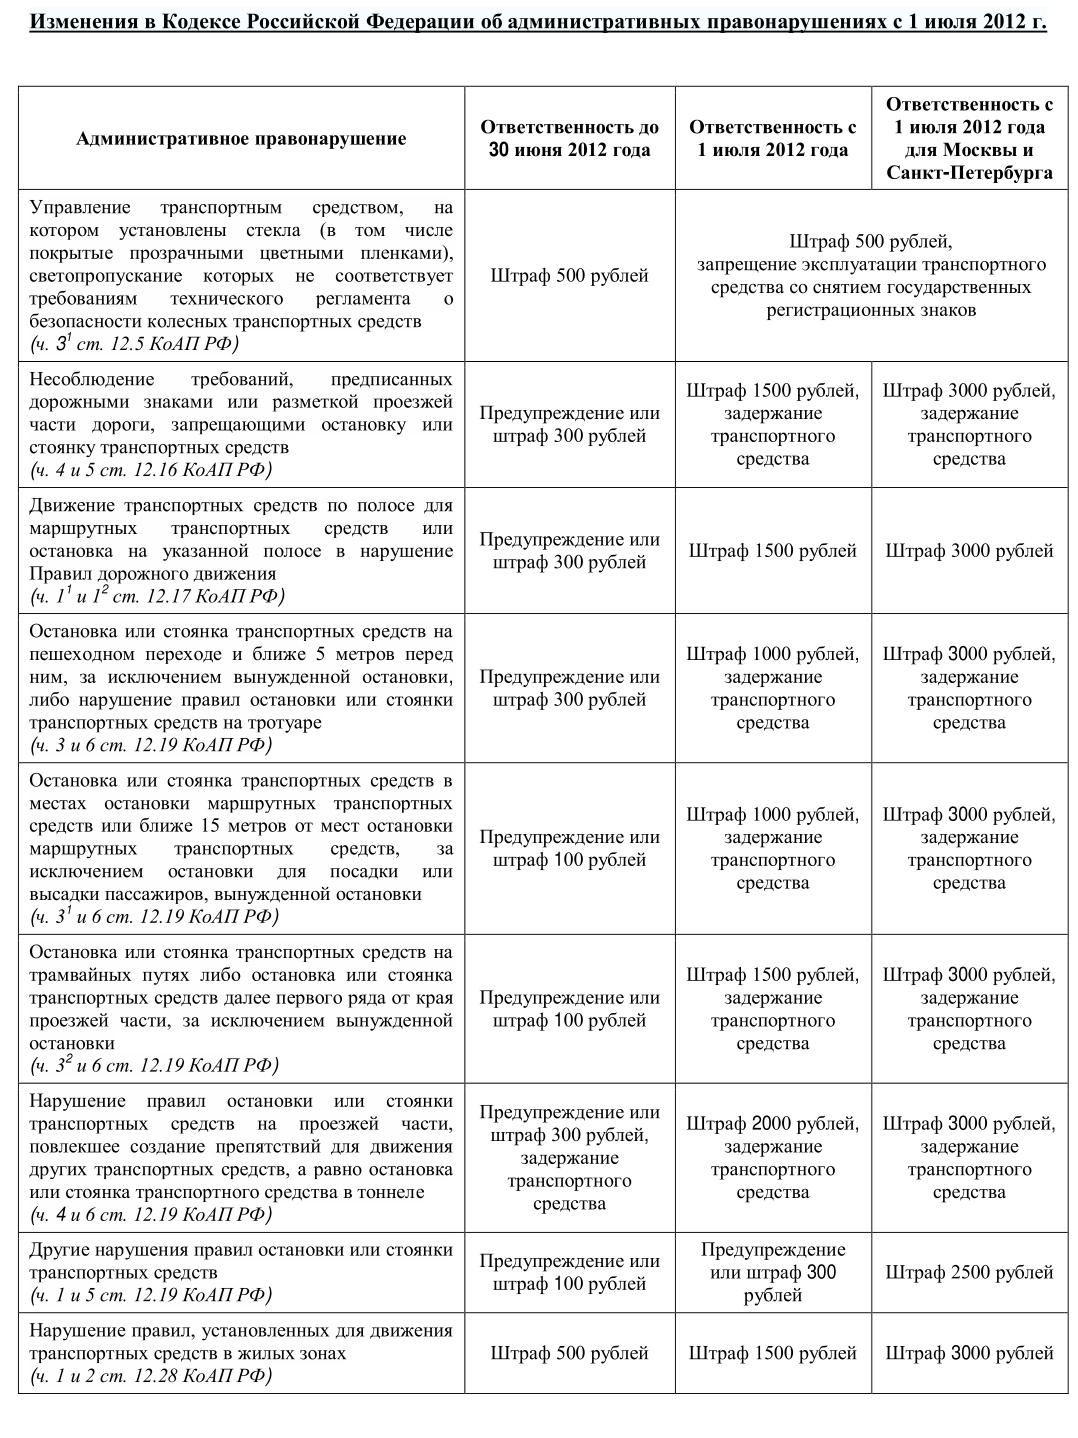 Таблица штрафов вступающих в силу с 01.07.2012